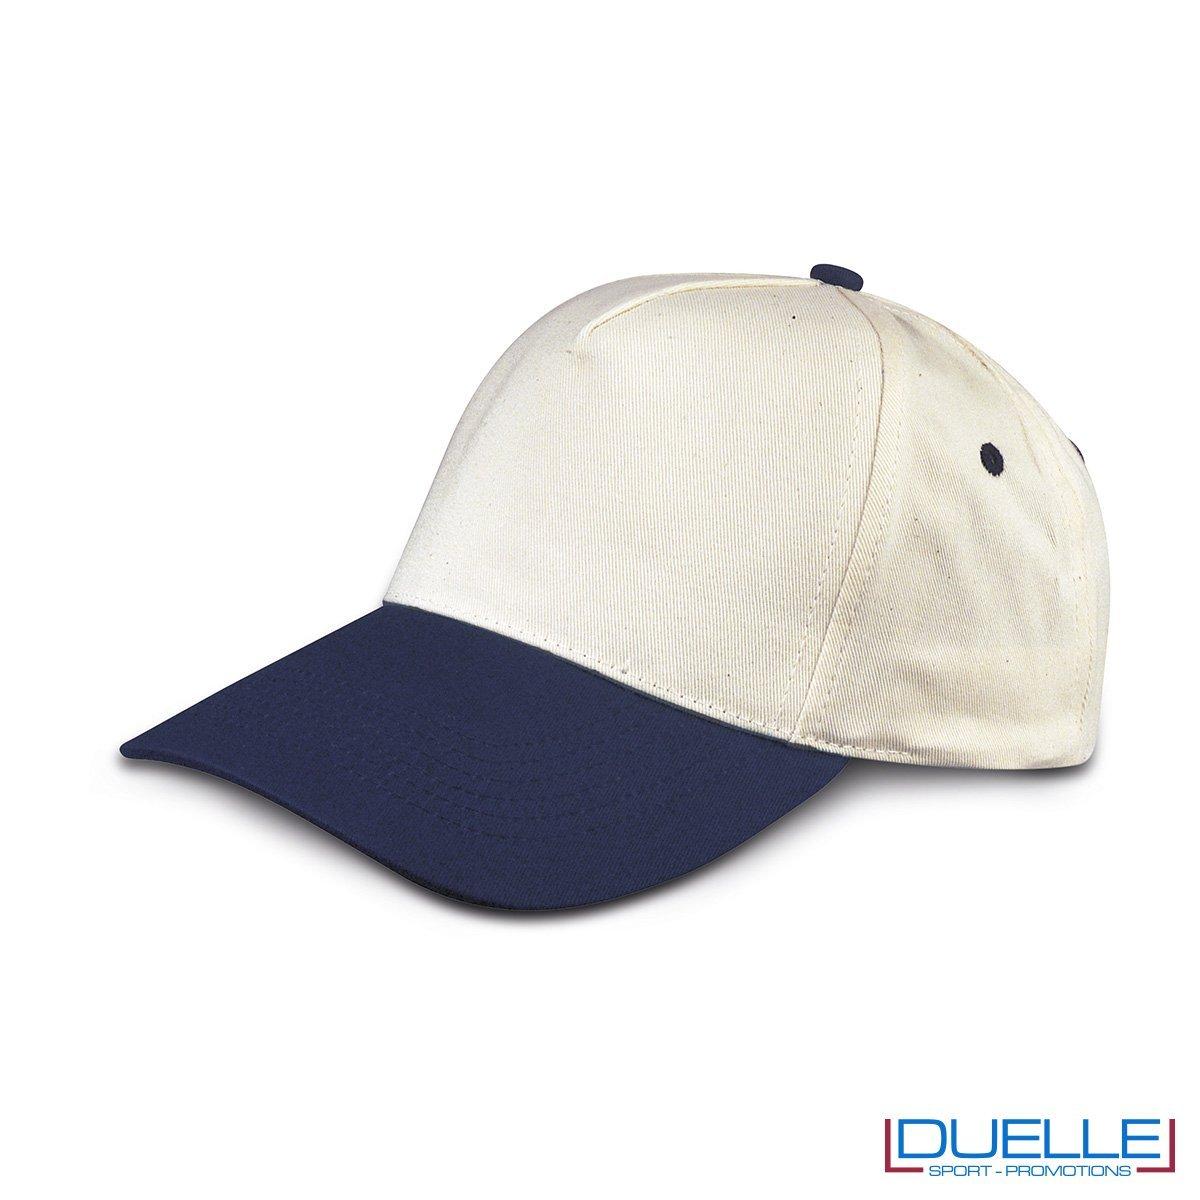 cappellino personalizzato golf a 5 pannelli colore cotone naturale e blu